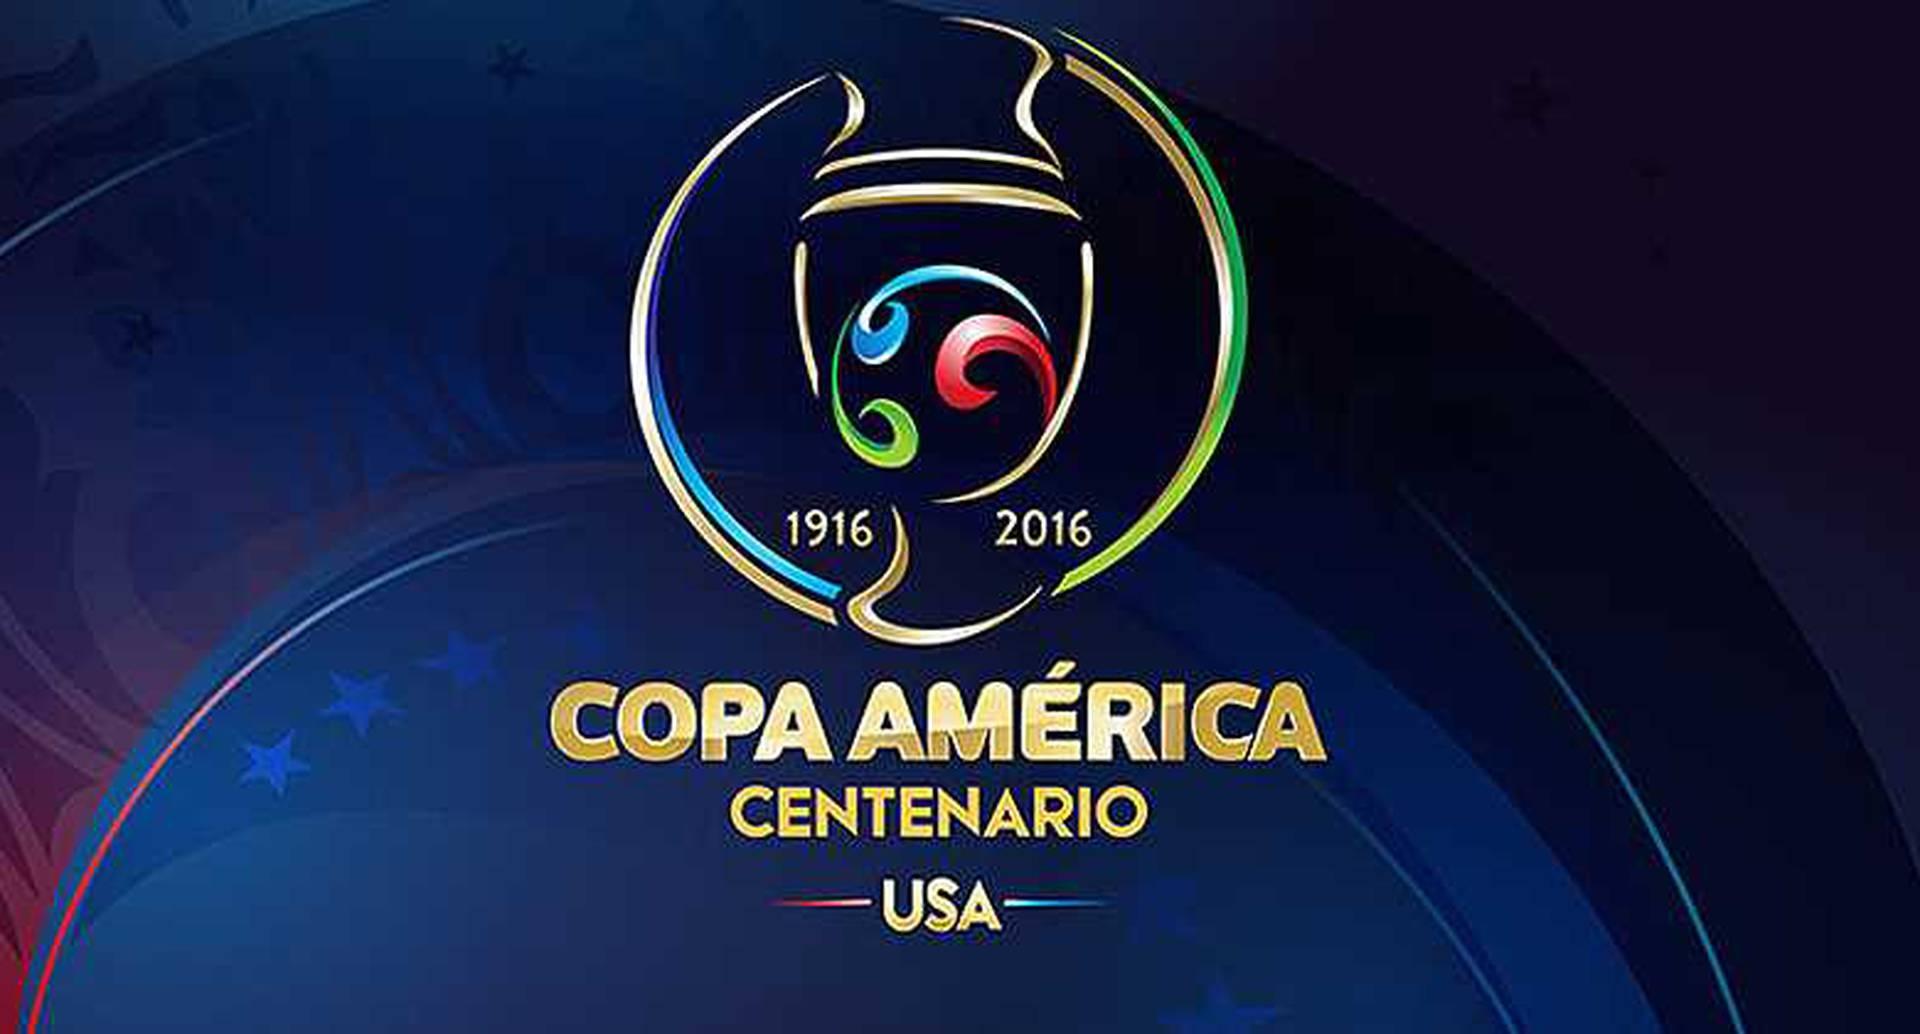 Esa cantidad de entradas se distribuye entre los 32 partidos que se jugarán en las diez sedes repartidas por el país norteamericano.